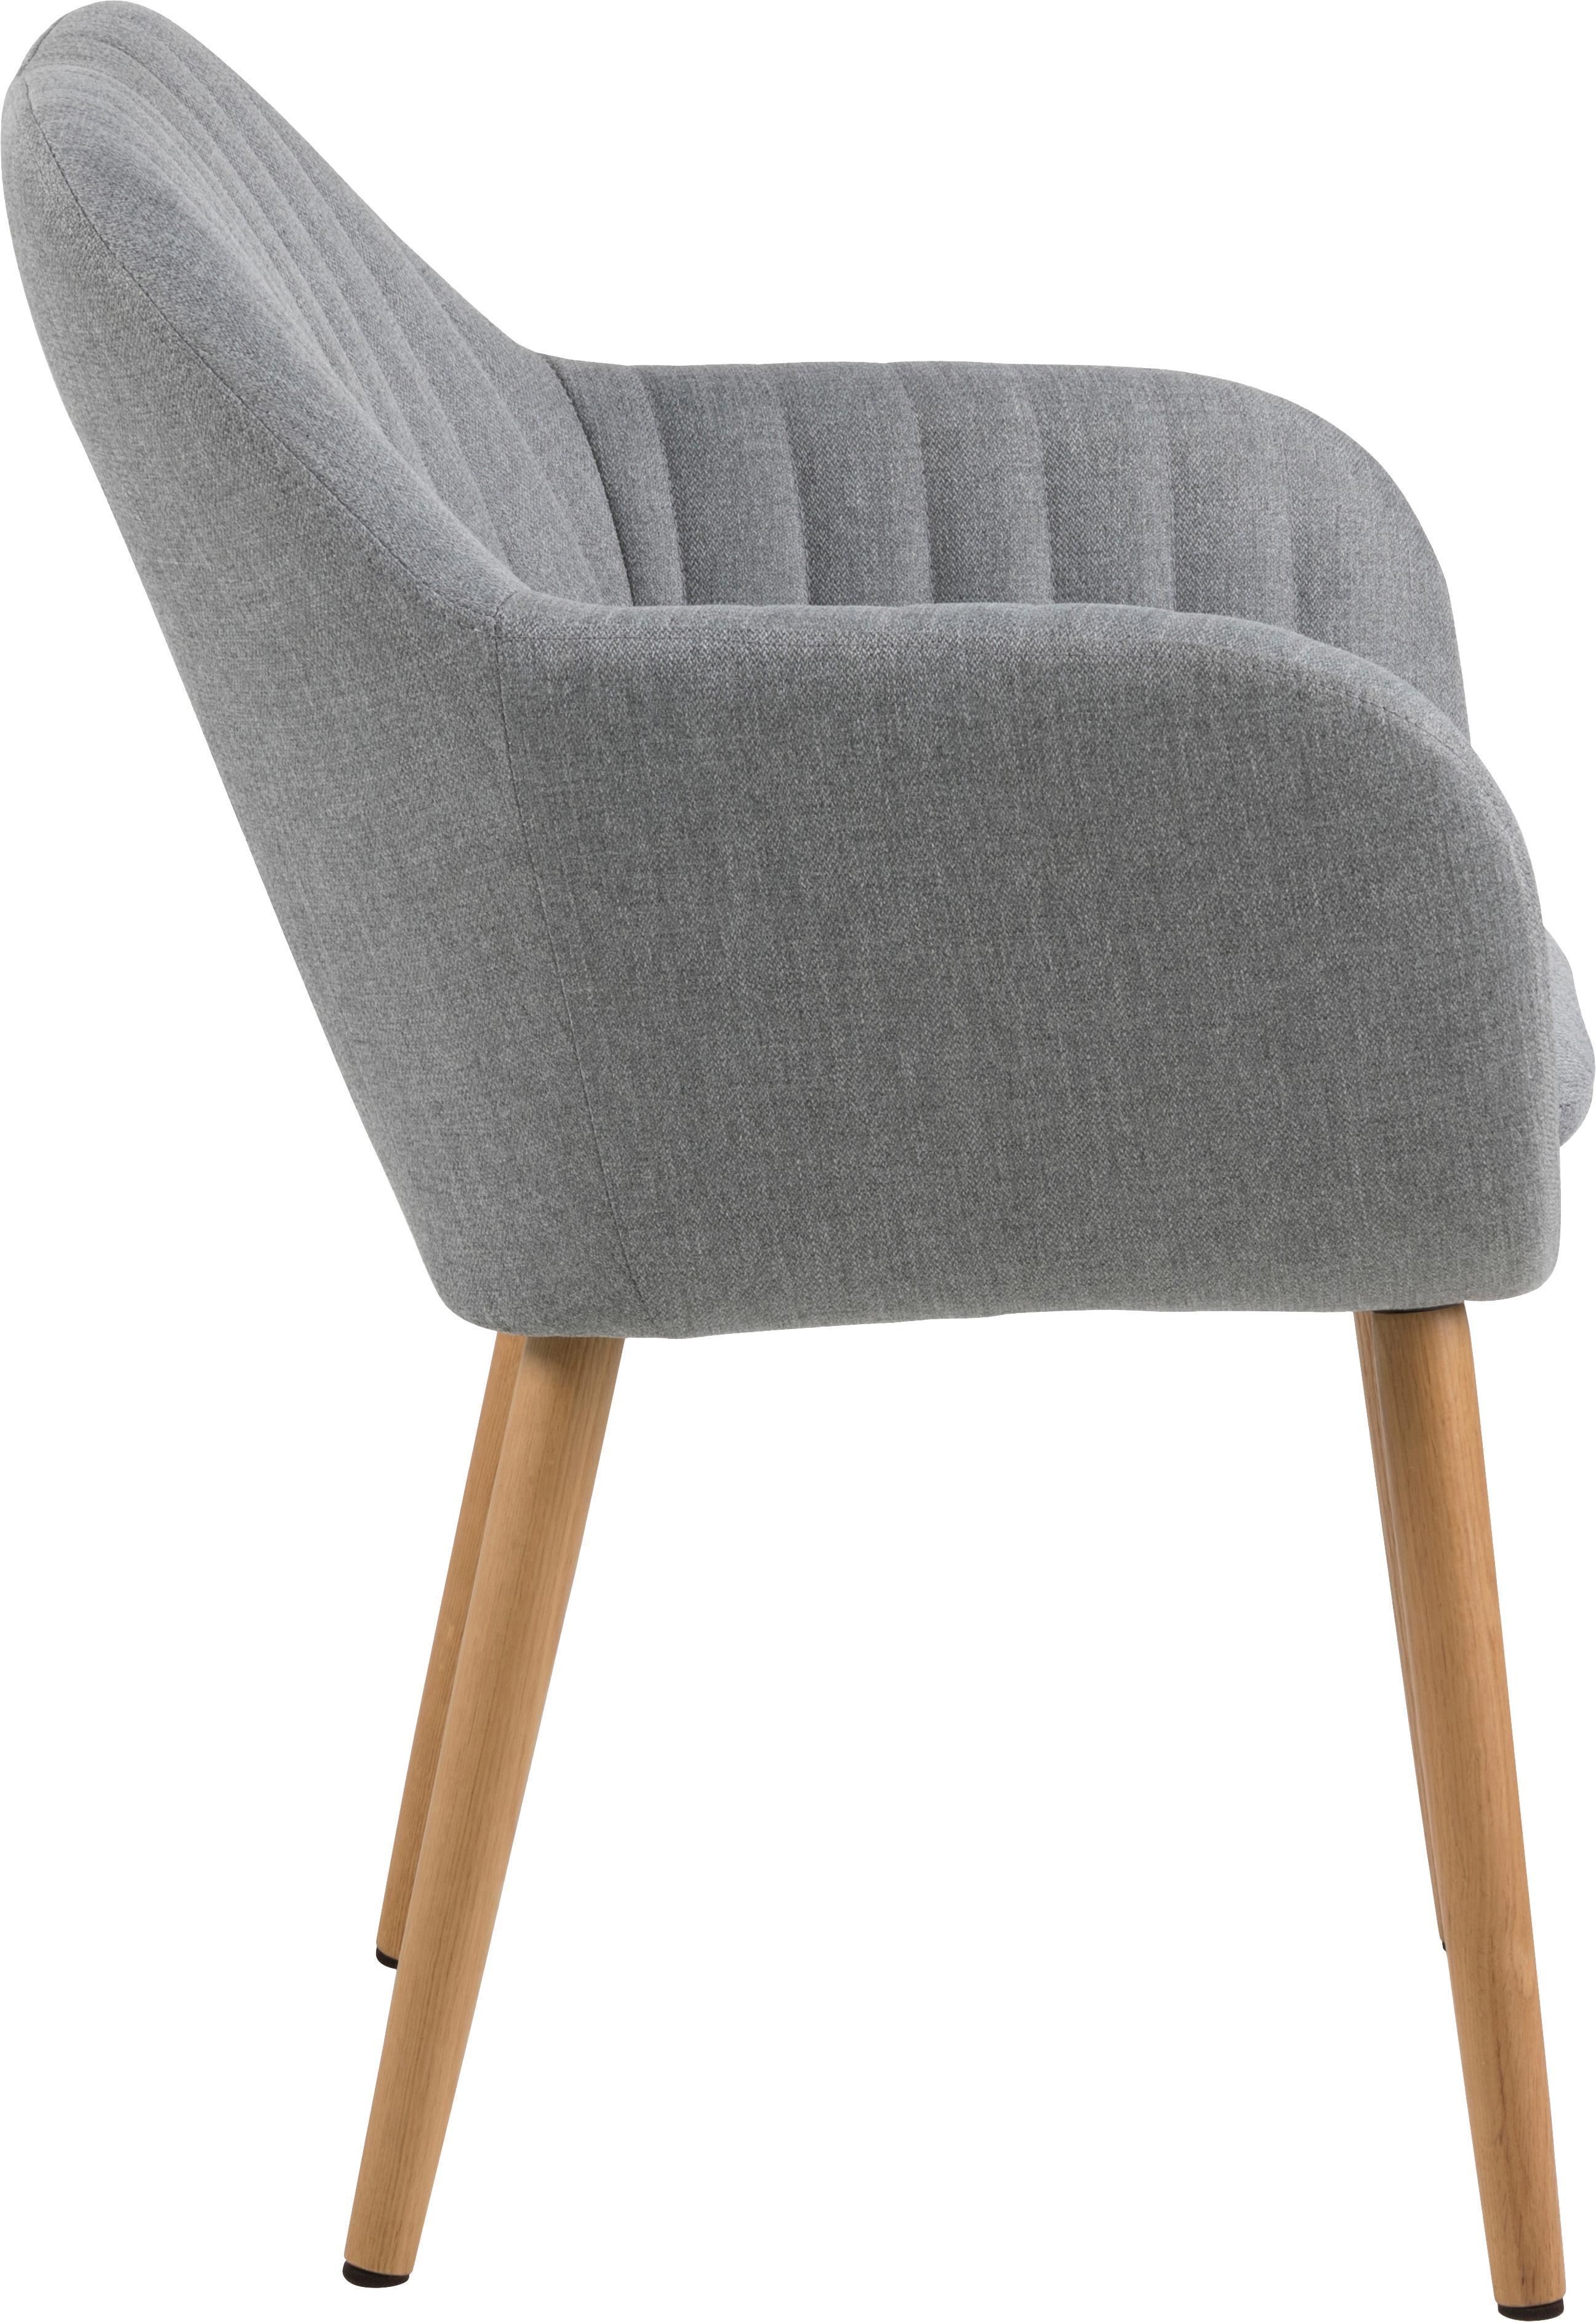 Polsterstuhl Emilia mit Armlehne, Bezug: Polyester, Beine: Eichenholz, ölbehandelt D, Webstoff Hellgrau, Beine Eiche, B 57 x T 59 cm